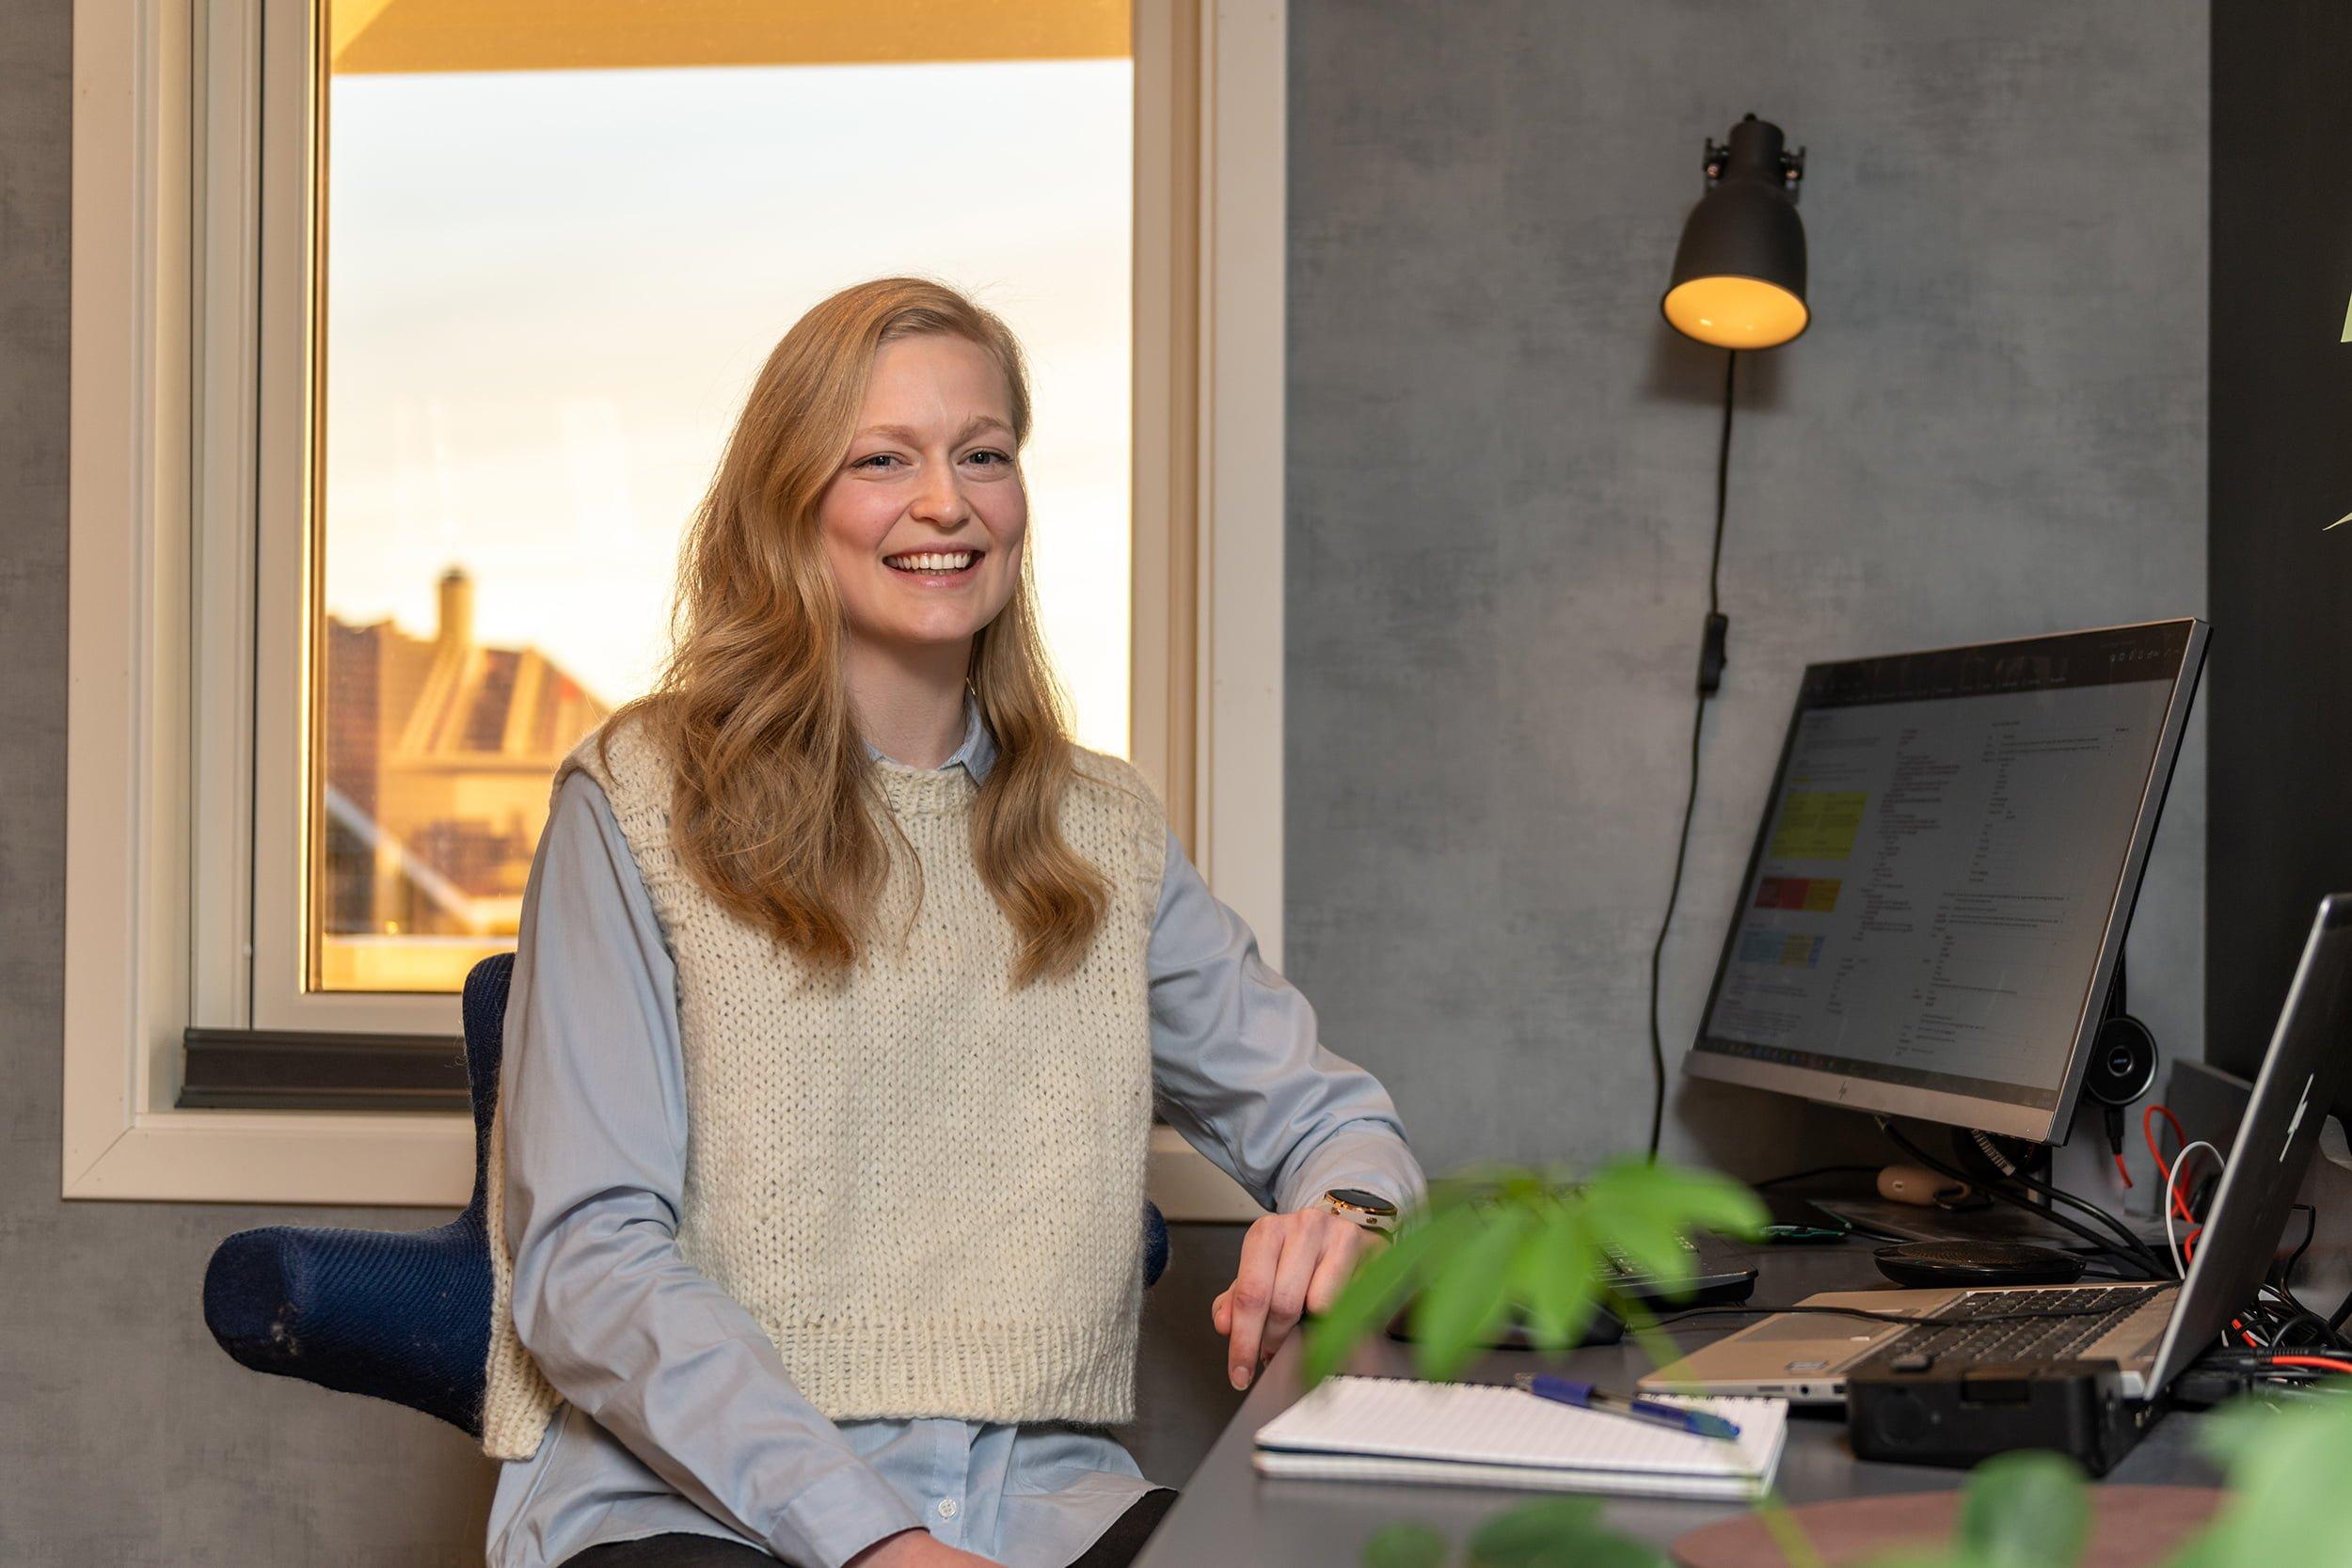 Karen Vanglo Tønnessen